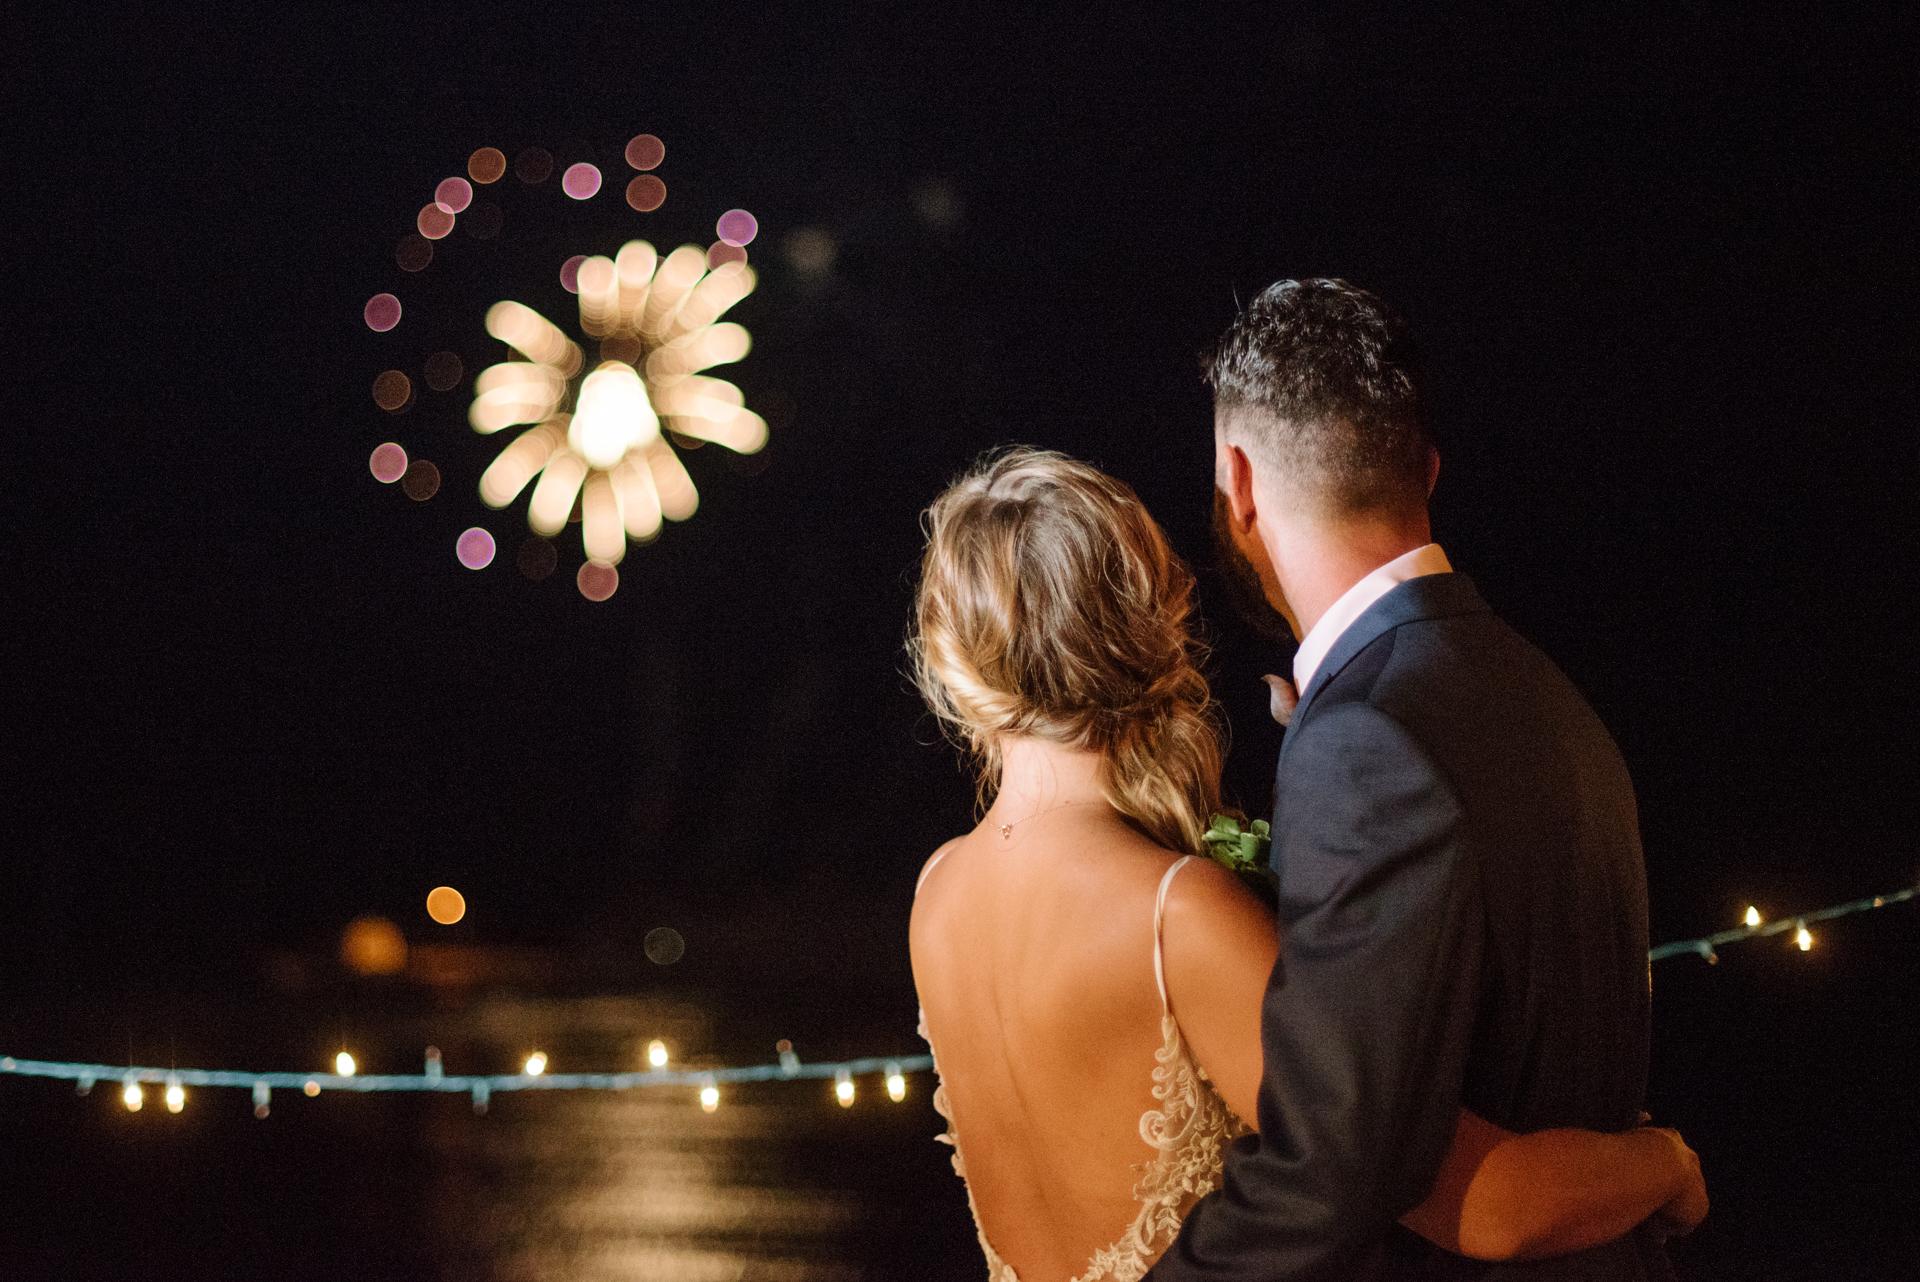 New Jersey Beach Elopement Feuerwerk Bild | Braut und Bräutigam sehen Feuerwerk von Freunden.